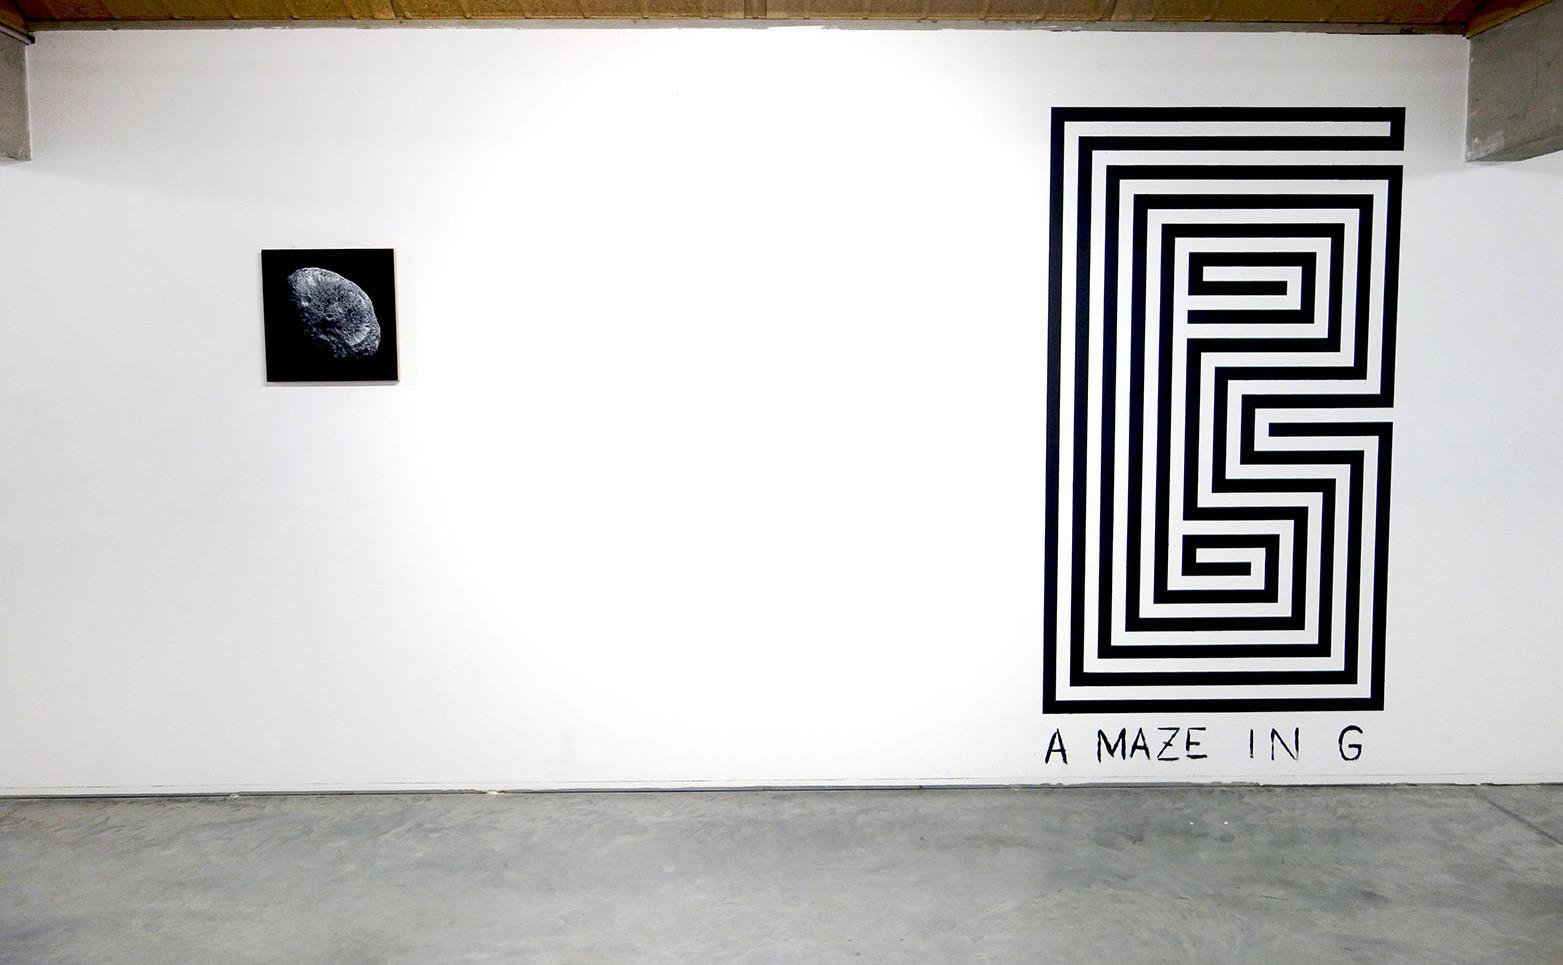 DAVID RENAUD Hypérion, 2011 Acrylique sur bois 45 X 45 cm.  NICOLAS H. MULLER G, 2014-2021 Peinture murale Dimensions variables.